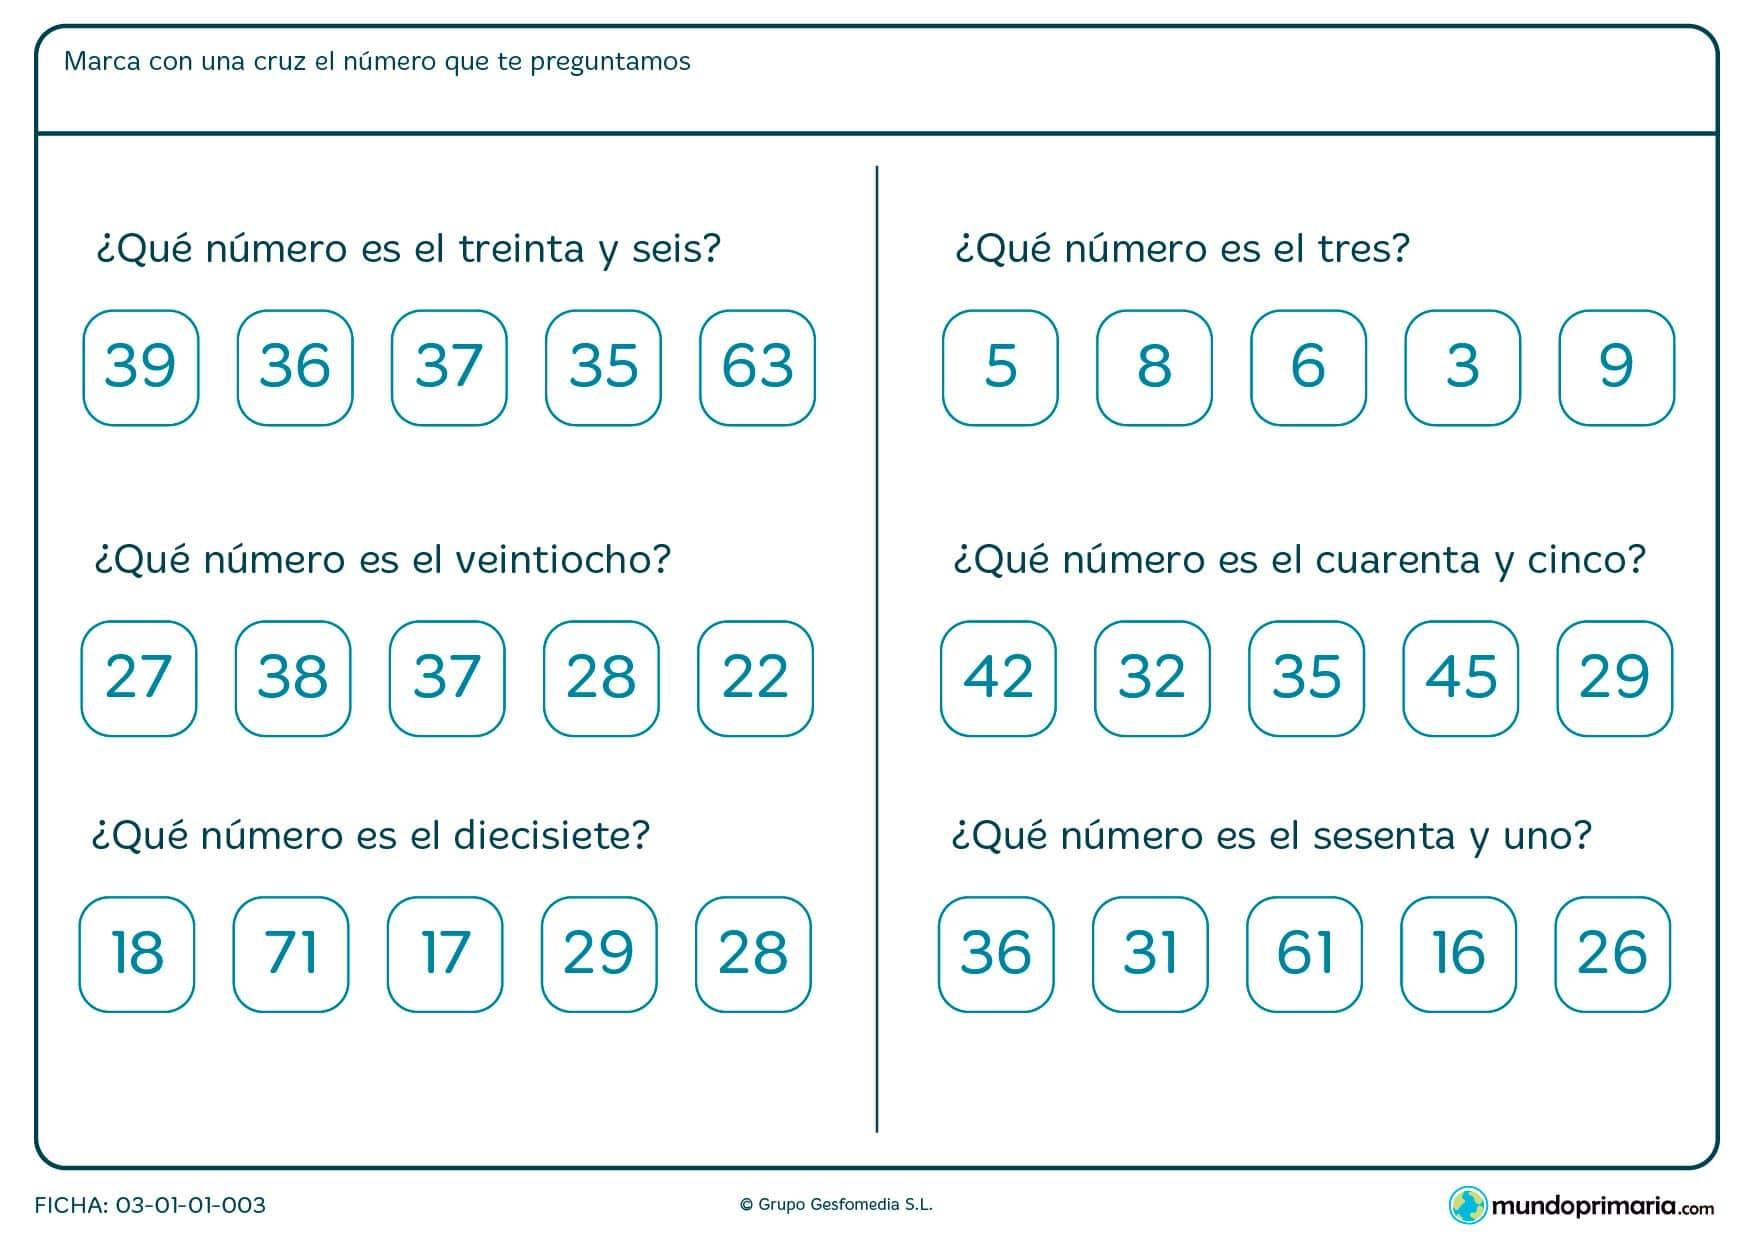 Ficha de cuál es el número escrito en el que hay que marcar el número correspondiente.